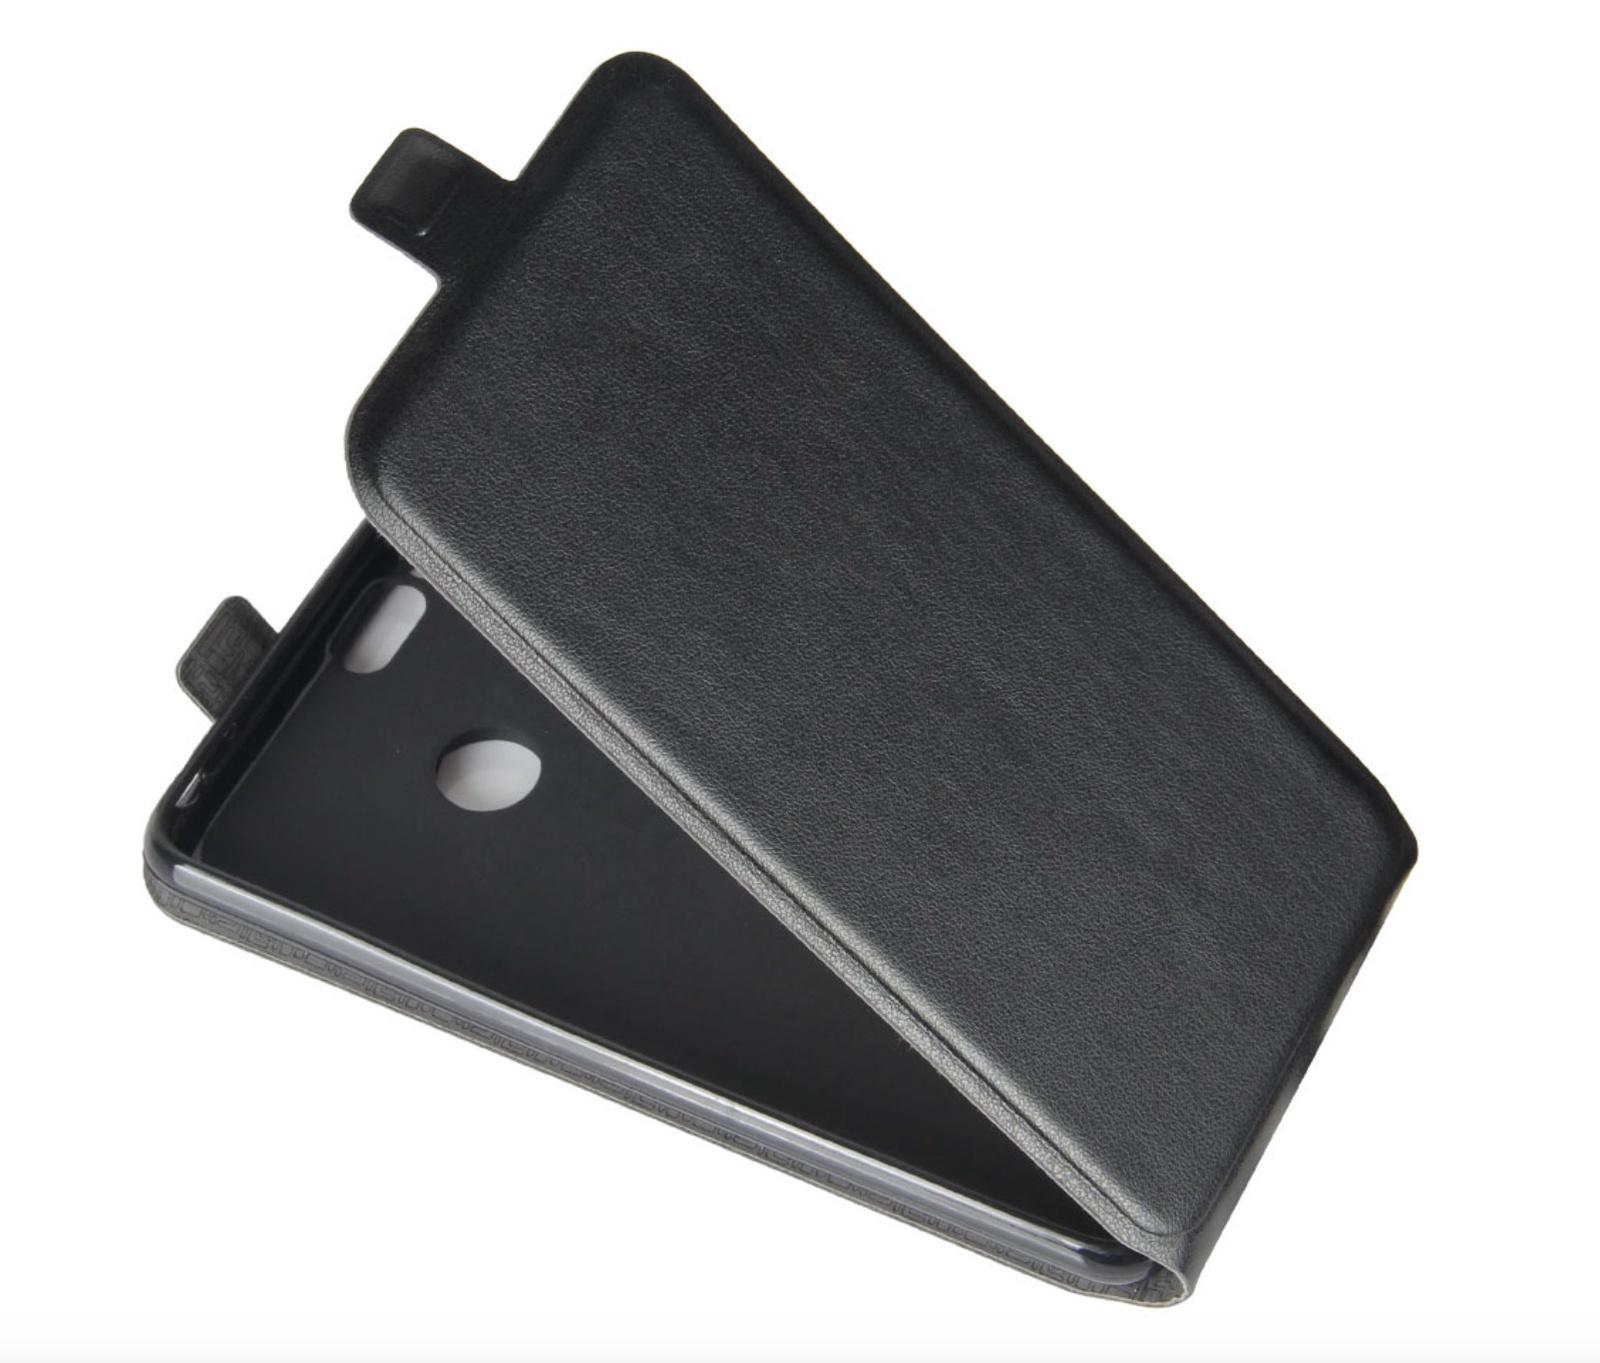 Чехол-флип MyPads для Nokia Lumia 720 вертикальный откидной черный